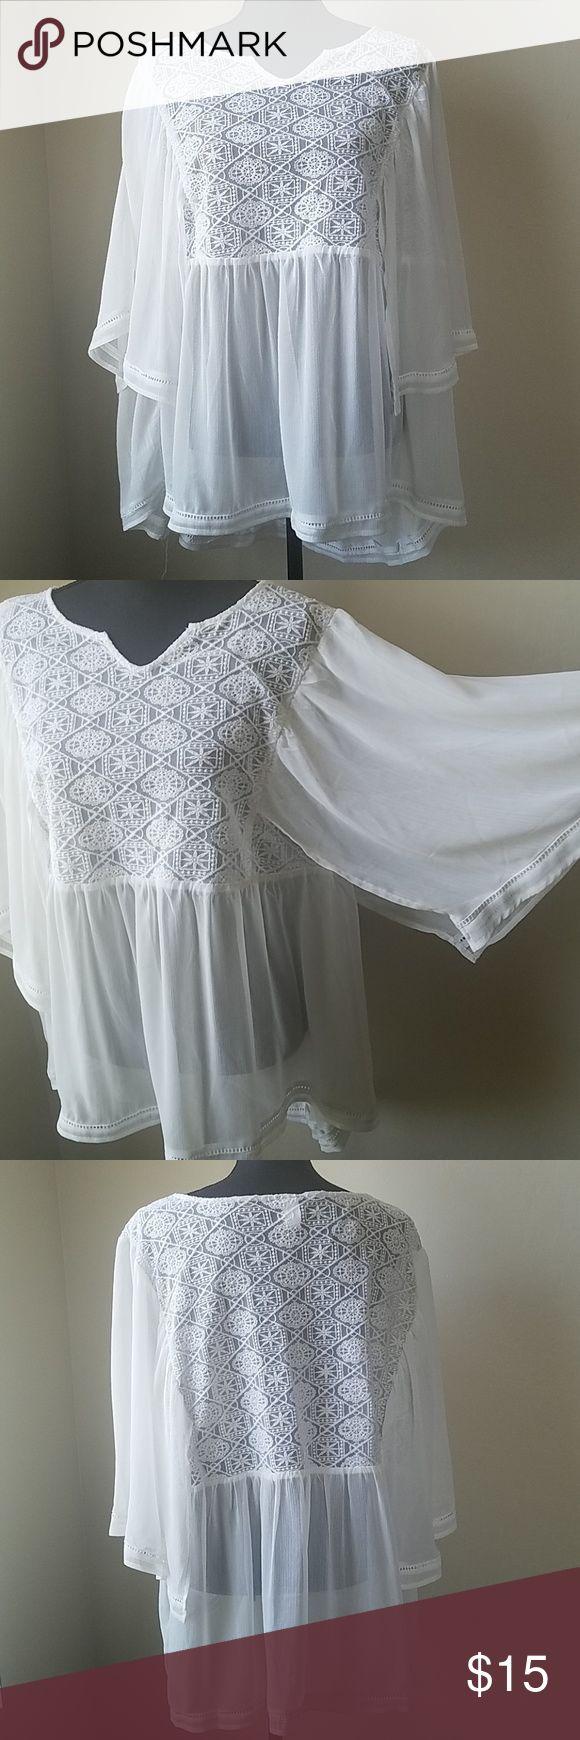 Top White sheer butterfly top, worn 1 torrid Tops Blouses